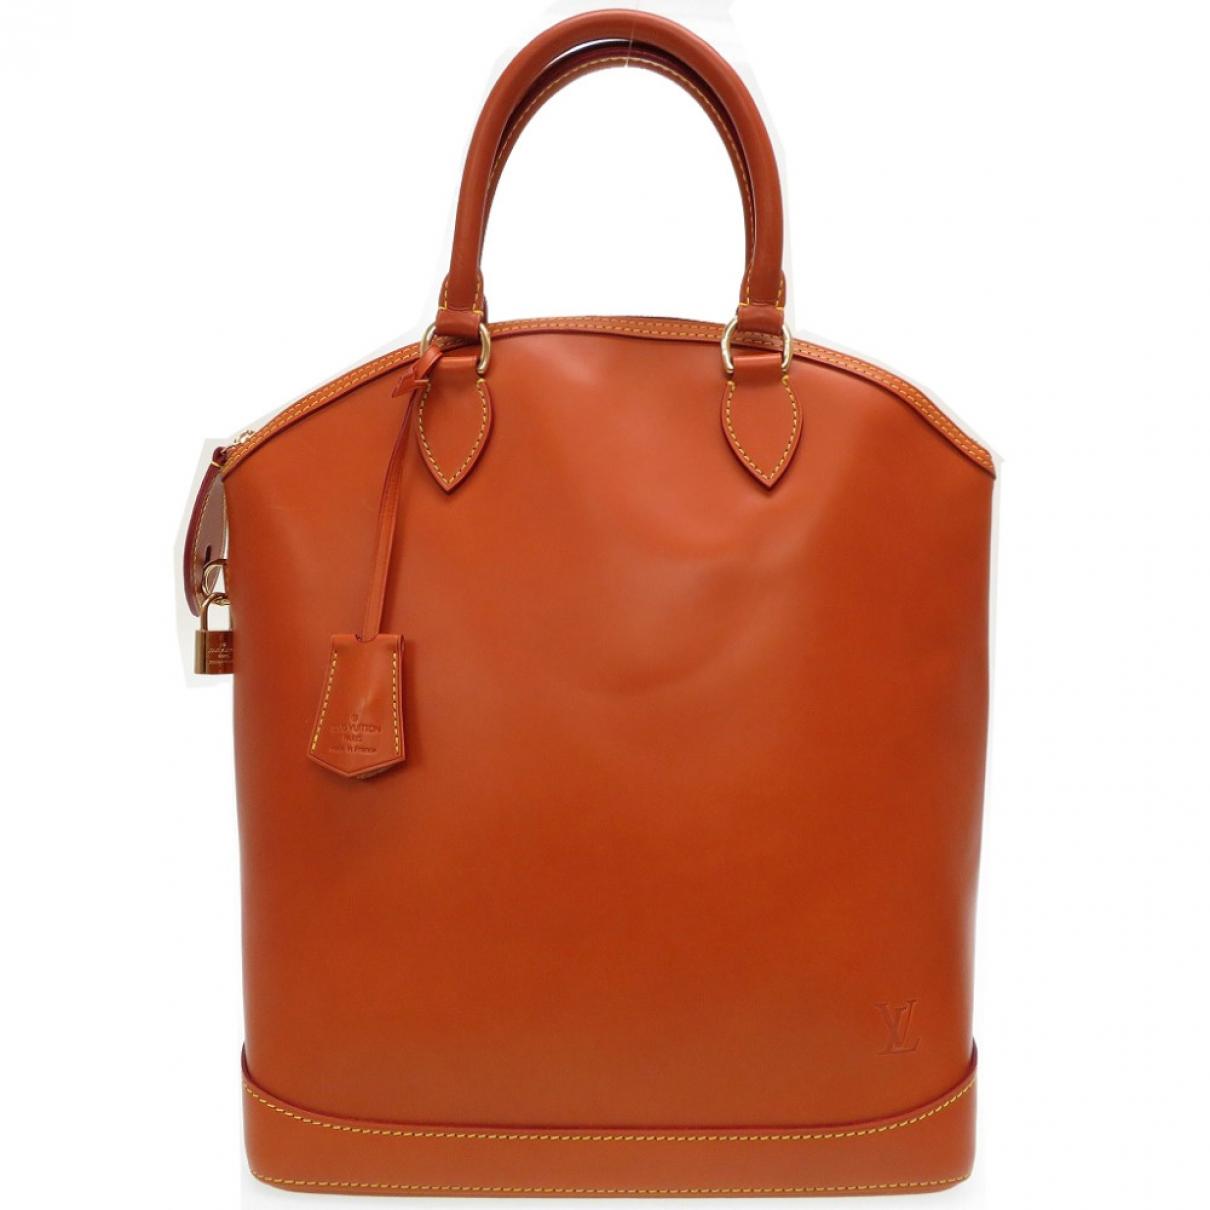 Bolso  Stephen Sprouse Boston de Cuero Louis Vuitton